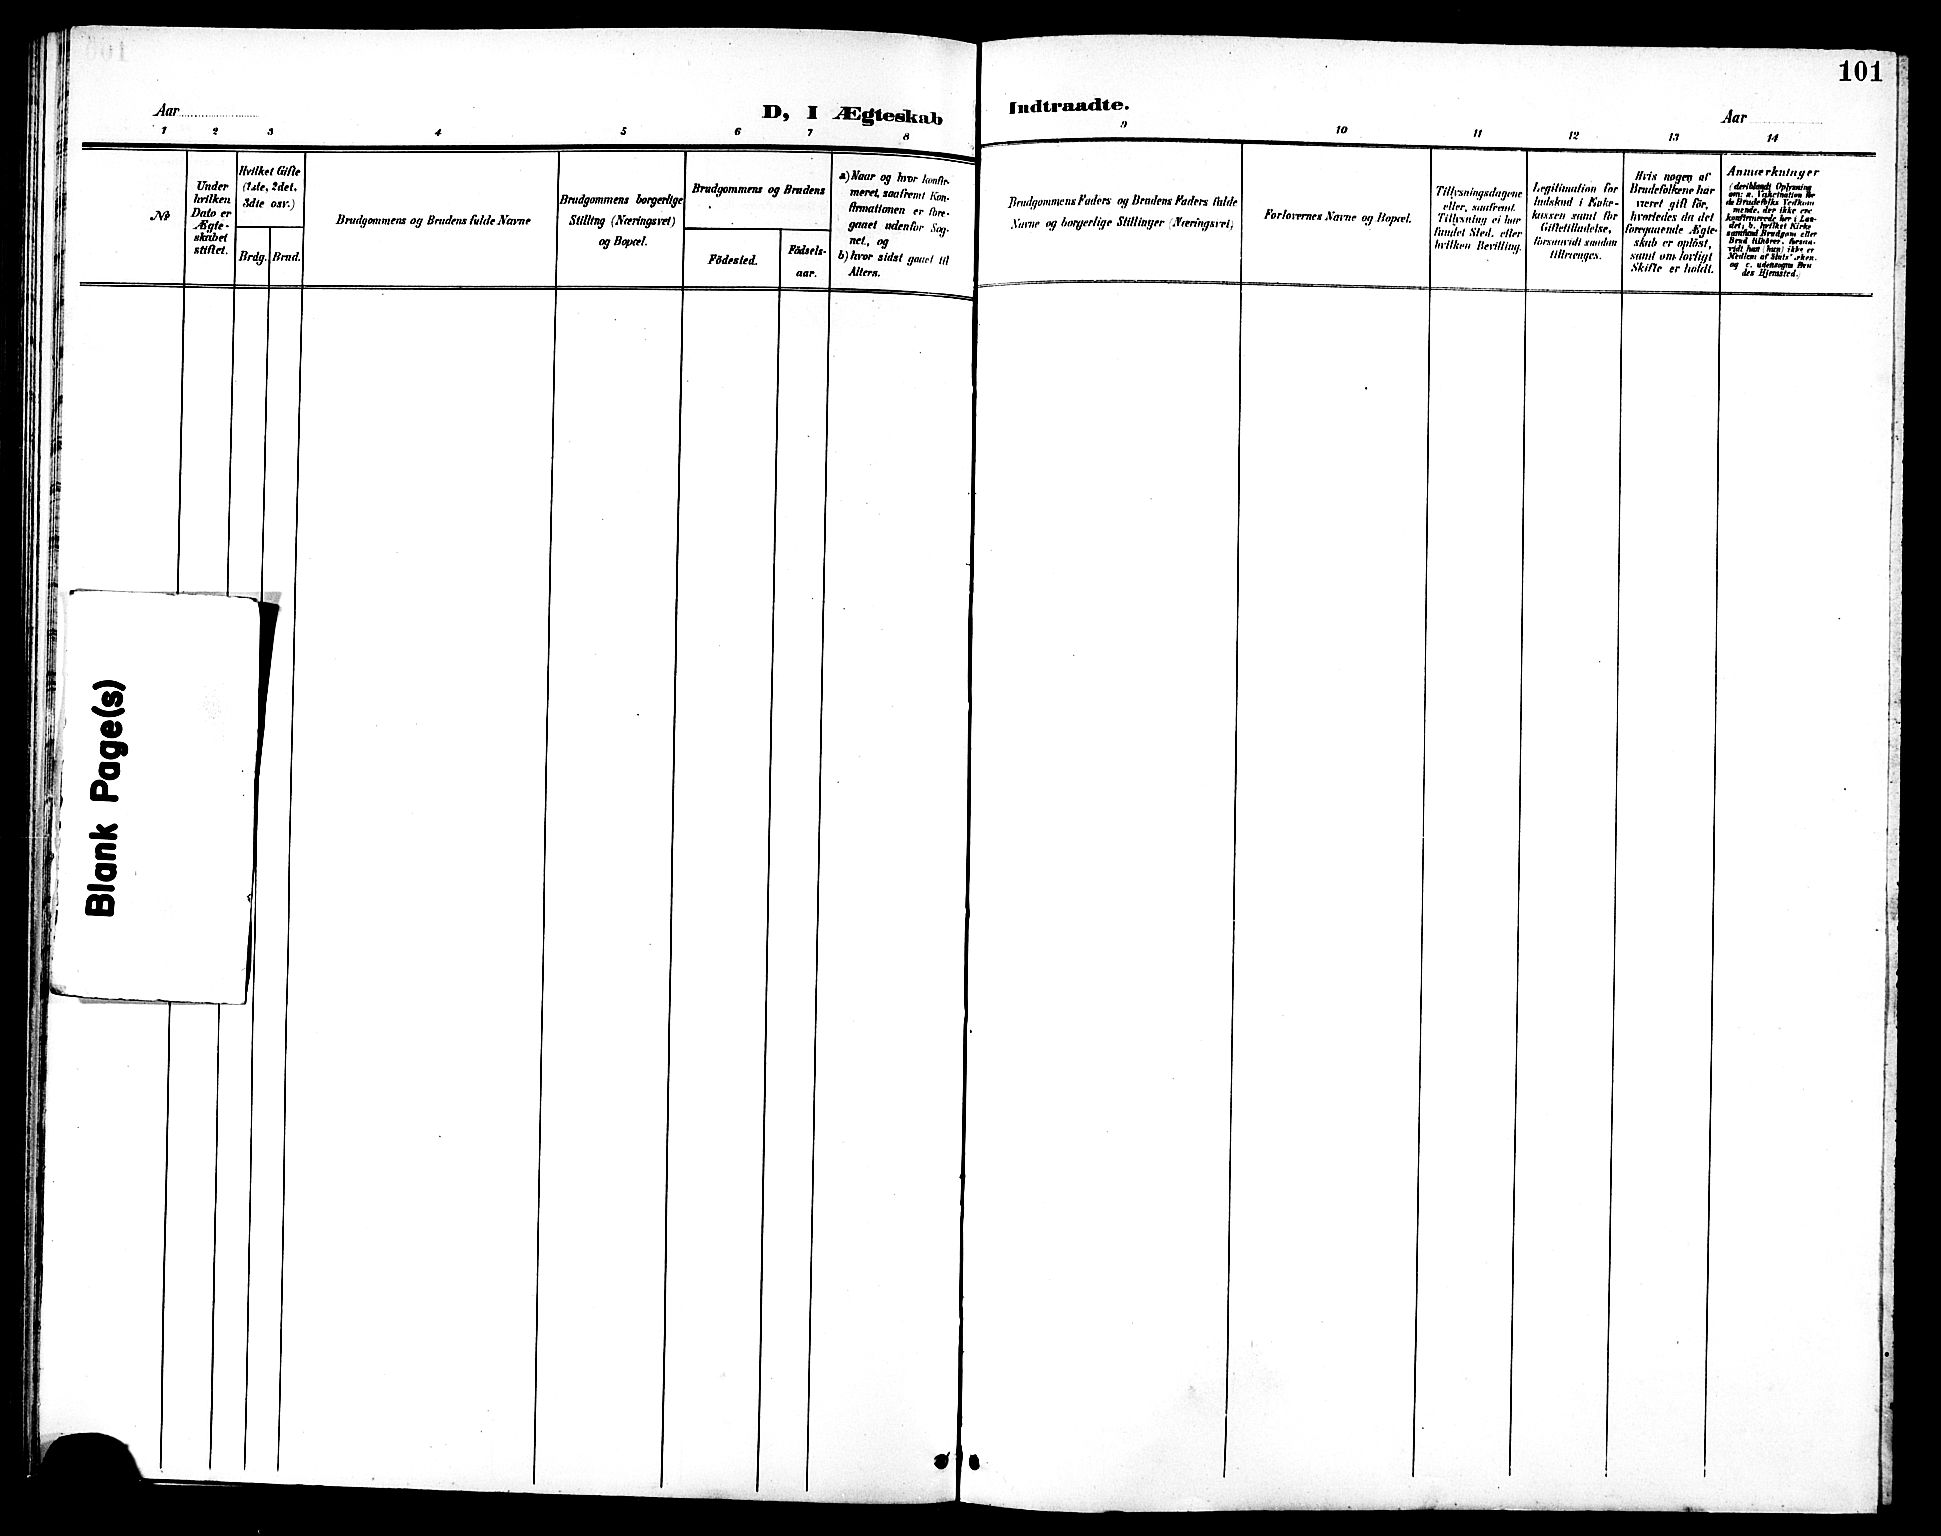 SAT, Ministerialprotokoller, klokkerbøker og fødselsregistre - Sør-Trøndelag, 602/L0145: Klokkerbok nr. 602C13, 1902-1919, s. 101